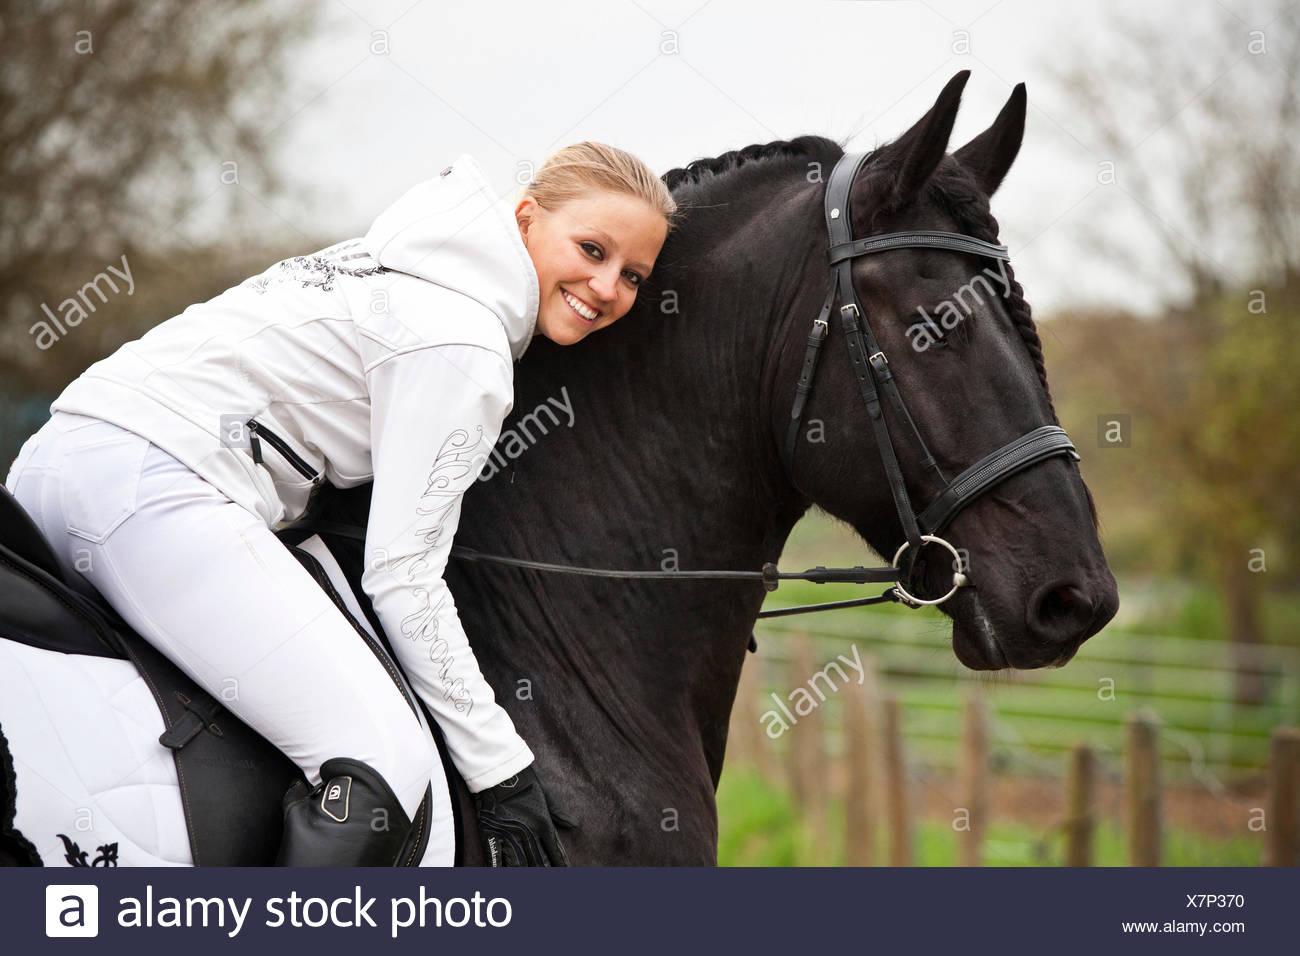 Friesian or Frisian horse, stallion, English bridle, with female rider on horseback - Stock Image